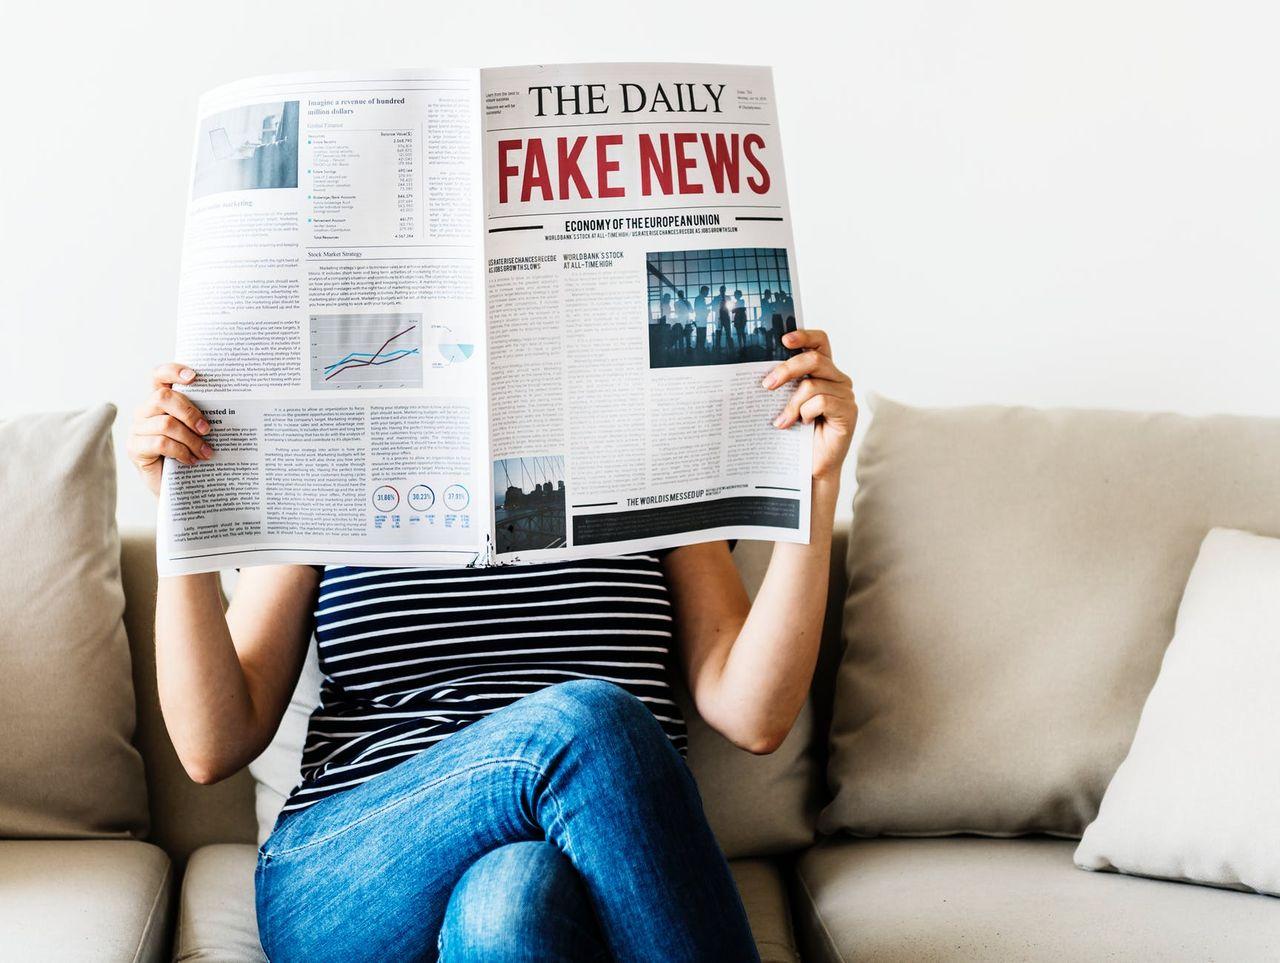 Artificiell intelligens skriver riktigt bra fake news